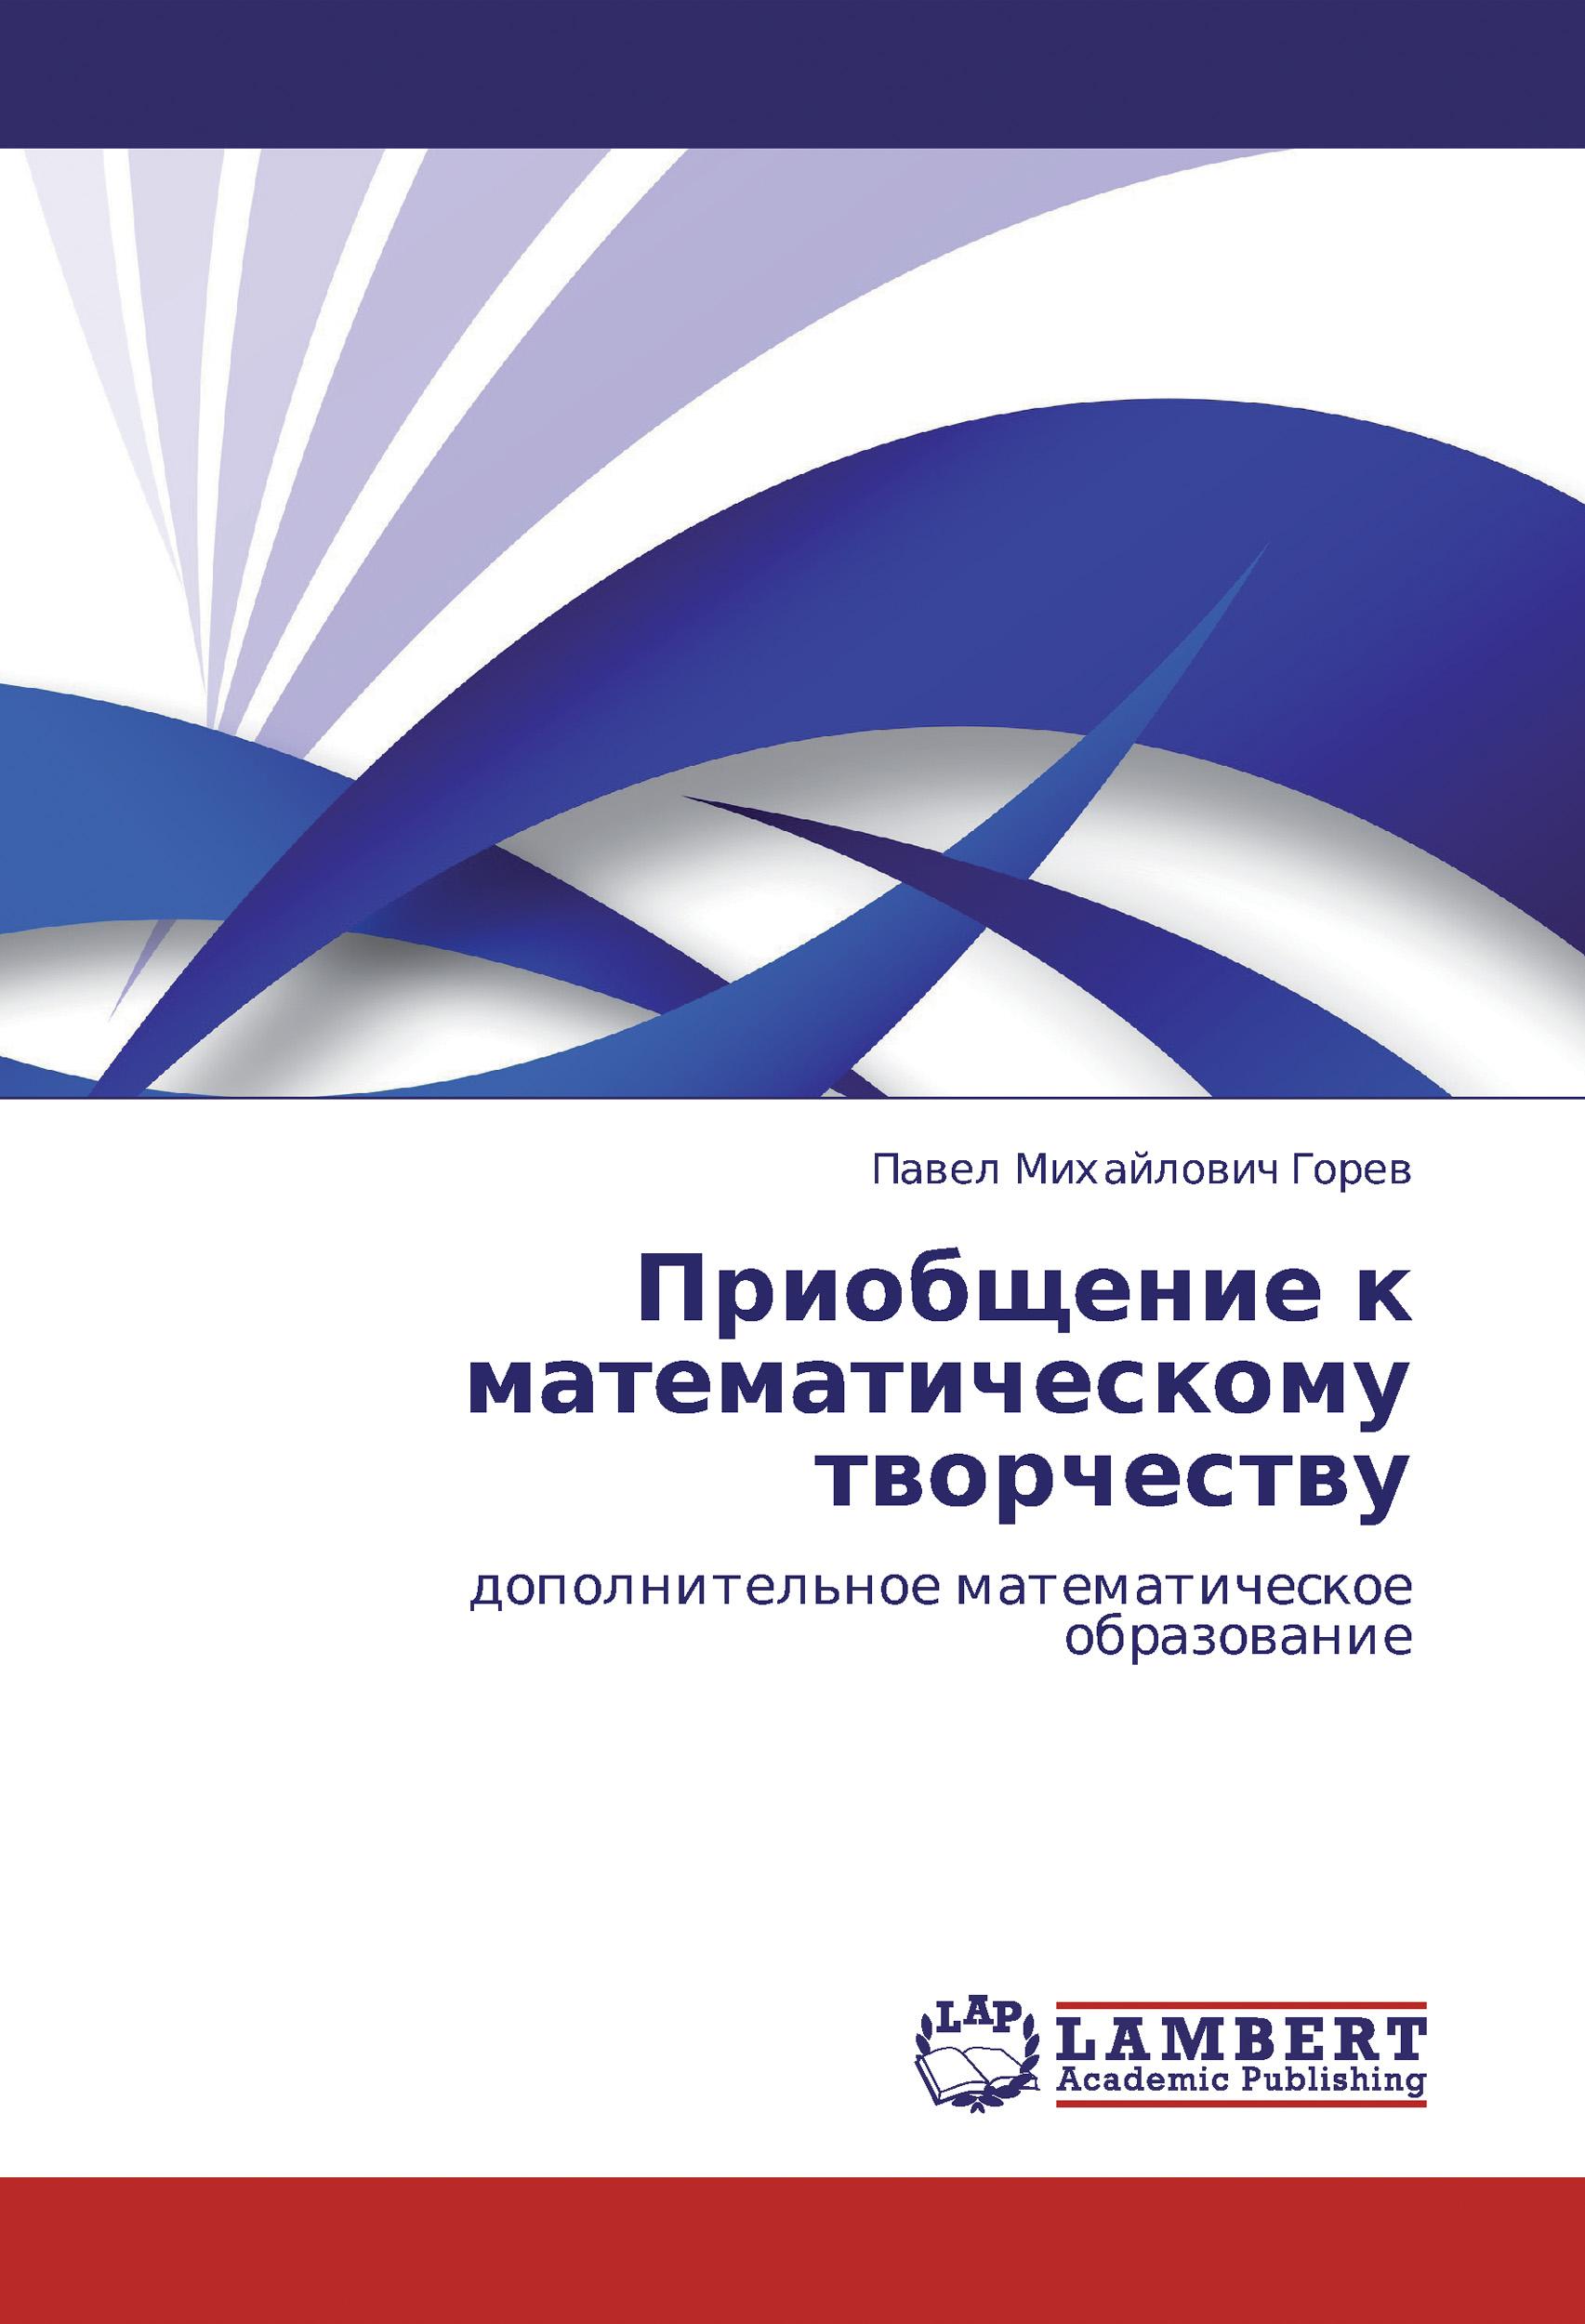 П. М. Горев Приобщение к математическому творчеству. Дополнительное математическое образование самореализация старшеклассников в учебной деятельности